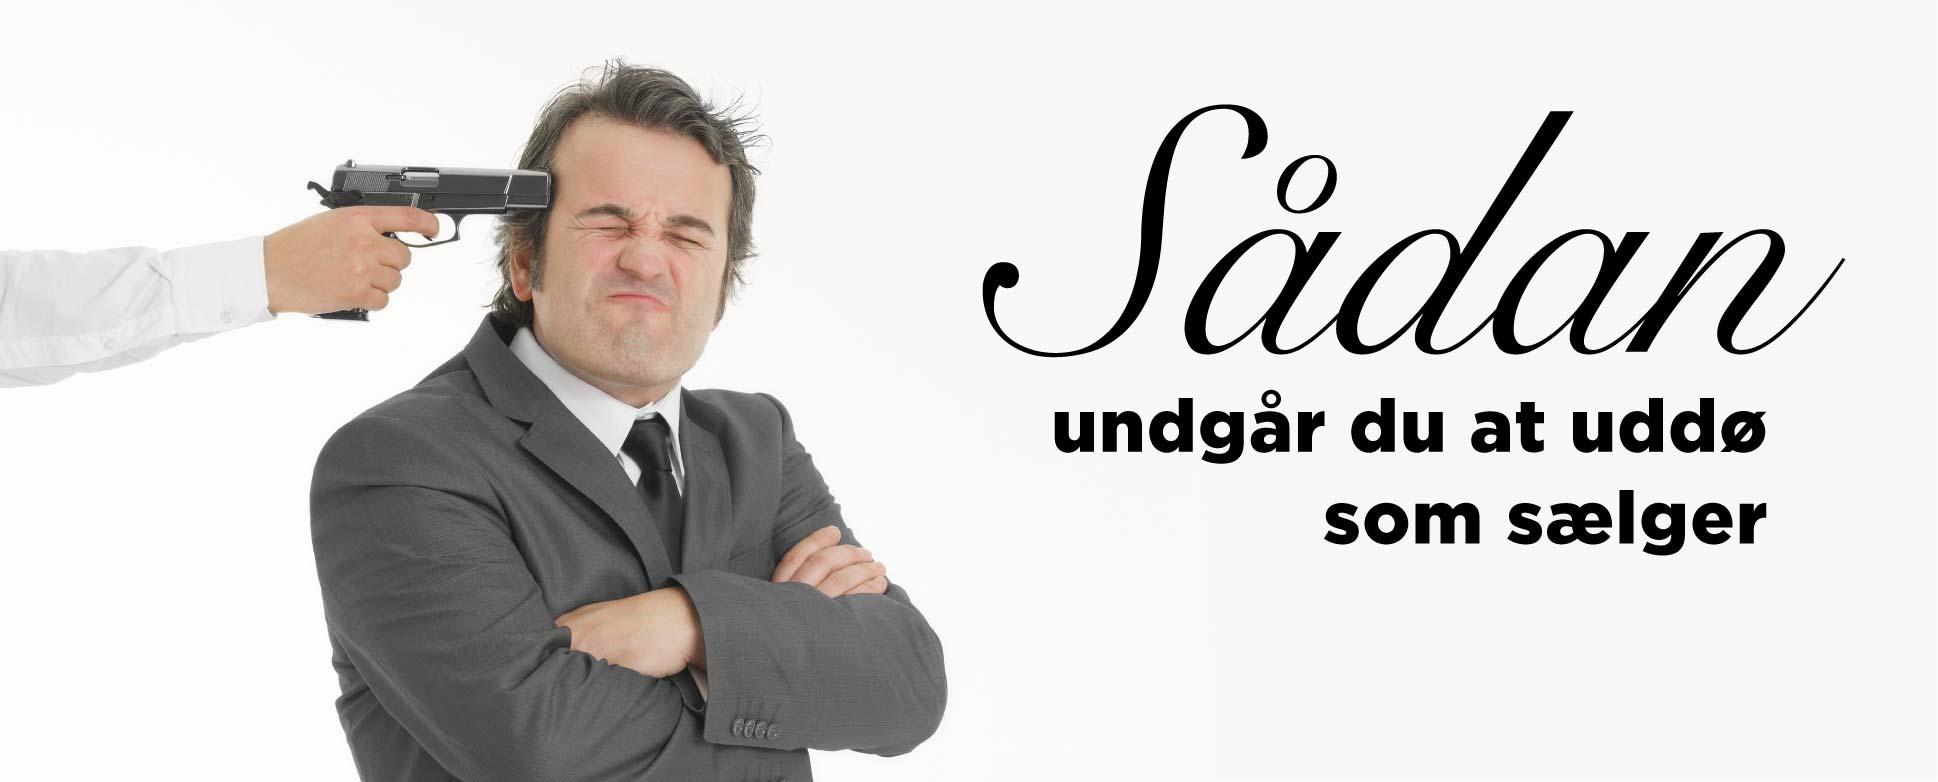 Blogindlæg om hvordan du kan undgå at uddø som sælger